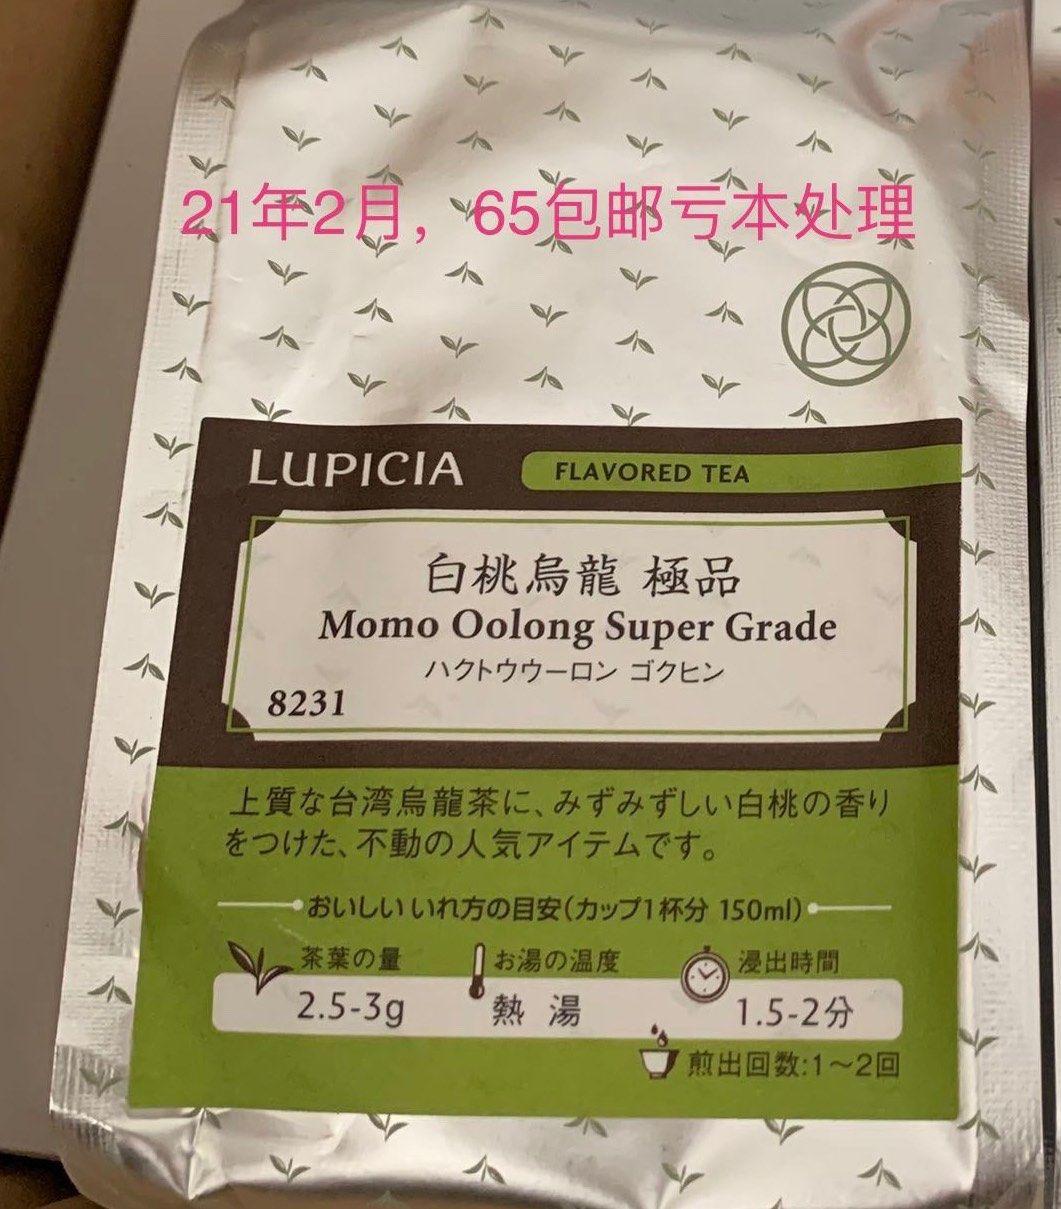 65出一袋白桃乌龙极品 购于日亚自营,可提供购买凭证,202